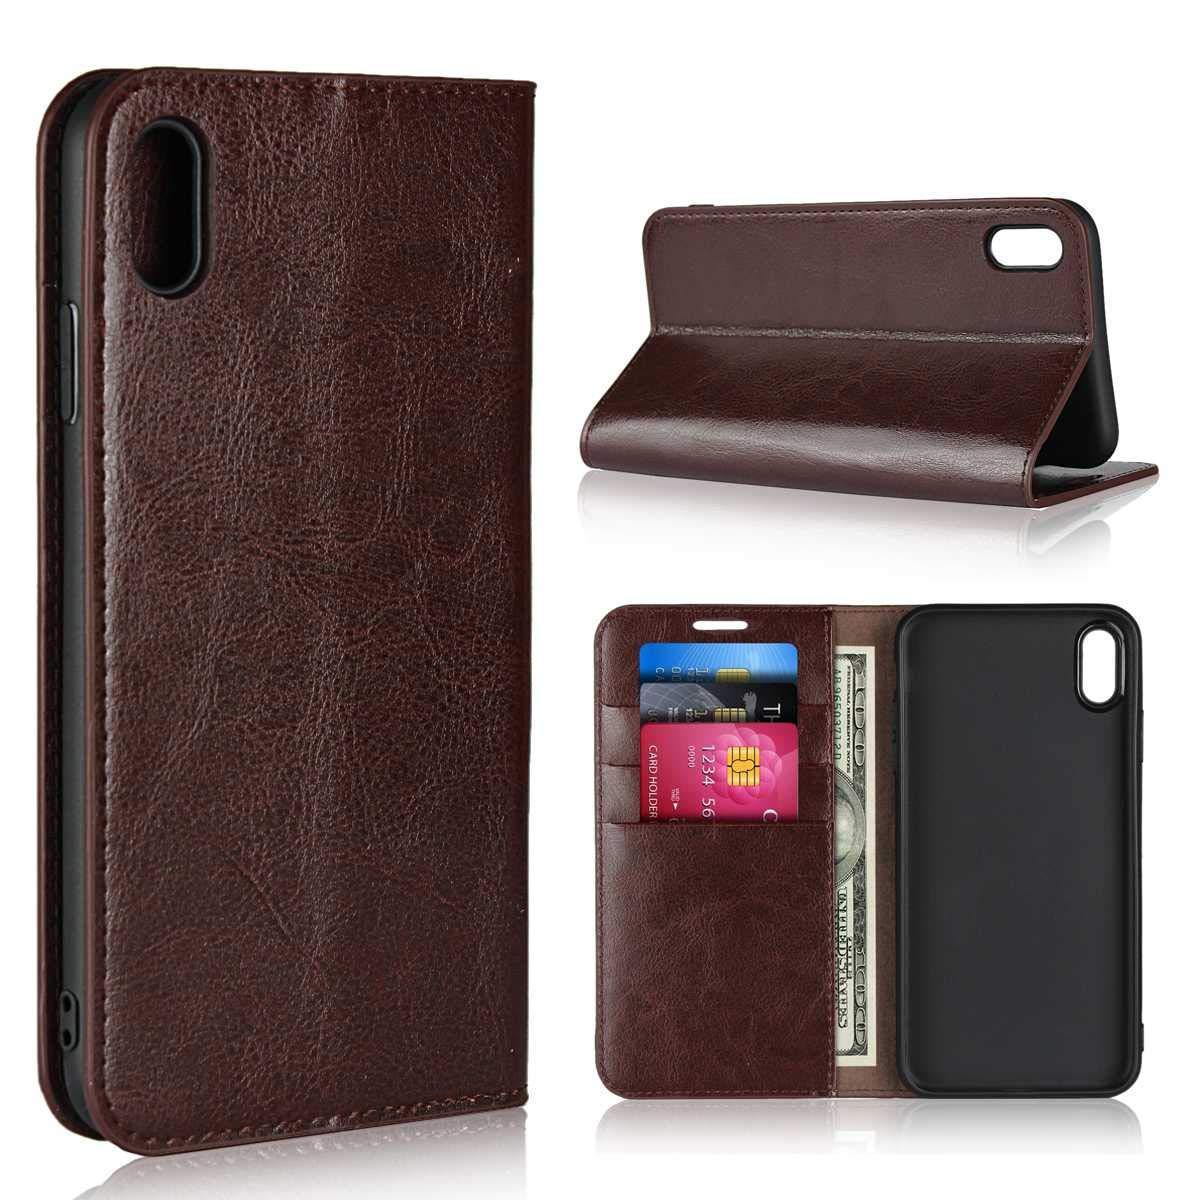 Magnetica TPU Bumper Caso per Apple iPhone 7 Plus // 8 Plus DENDICO Cover iPhone 7 Plus 8 Plus Flip Libro Portafoglio PU Custodia in Pelle Rosso